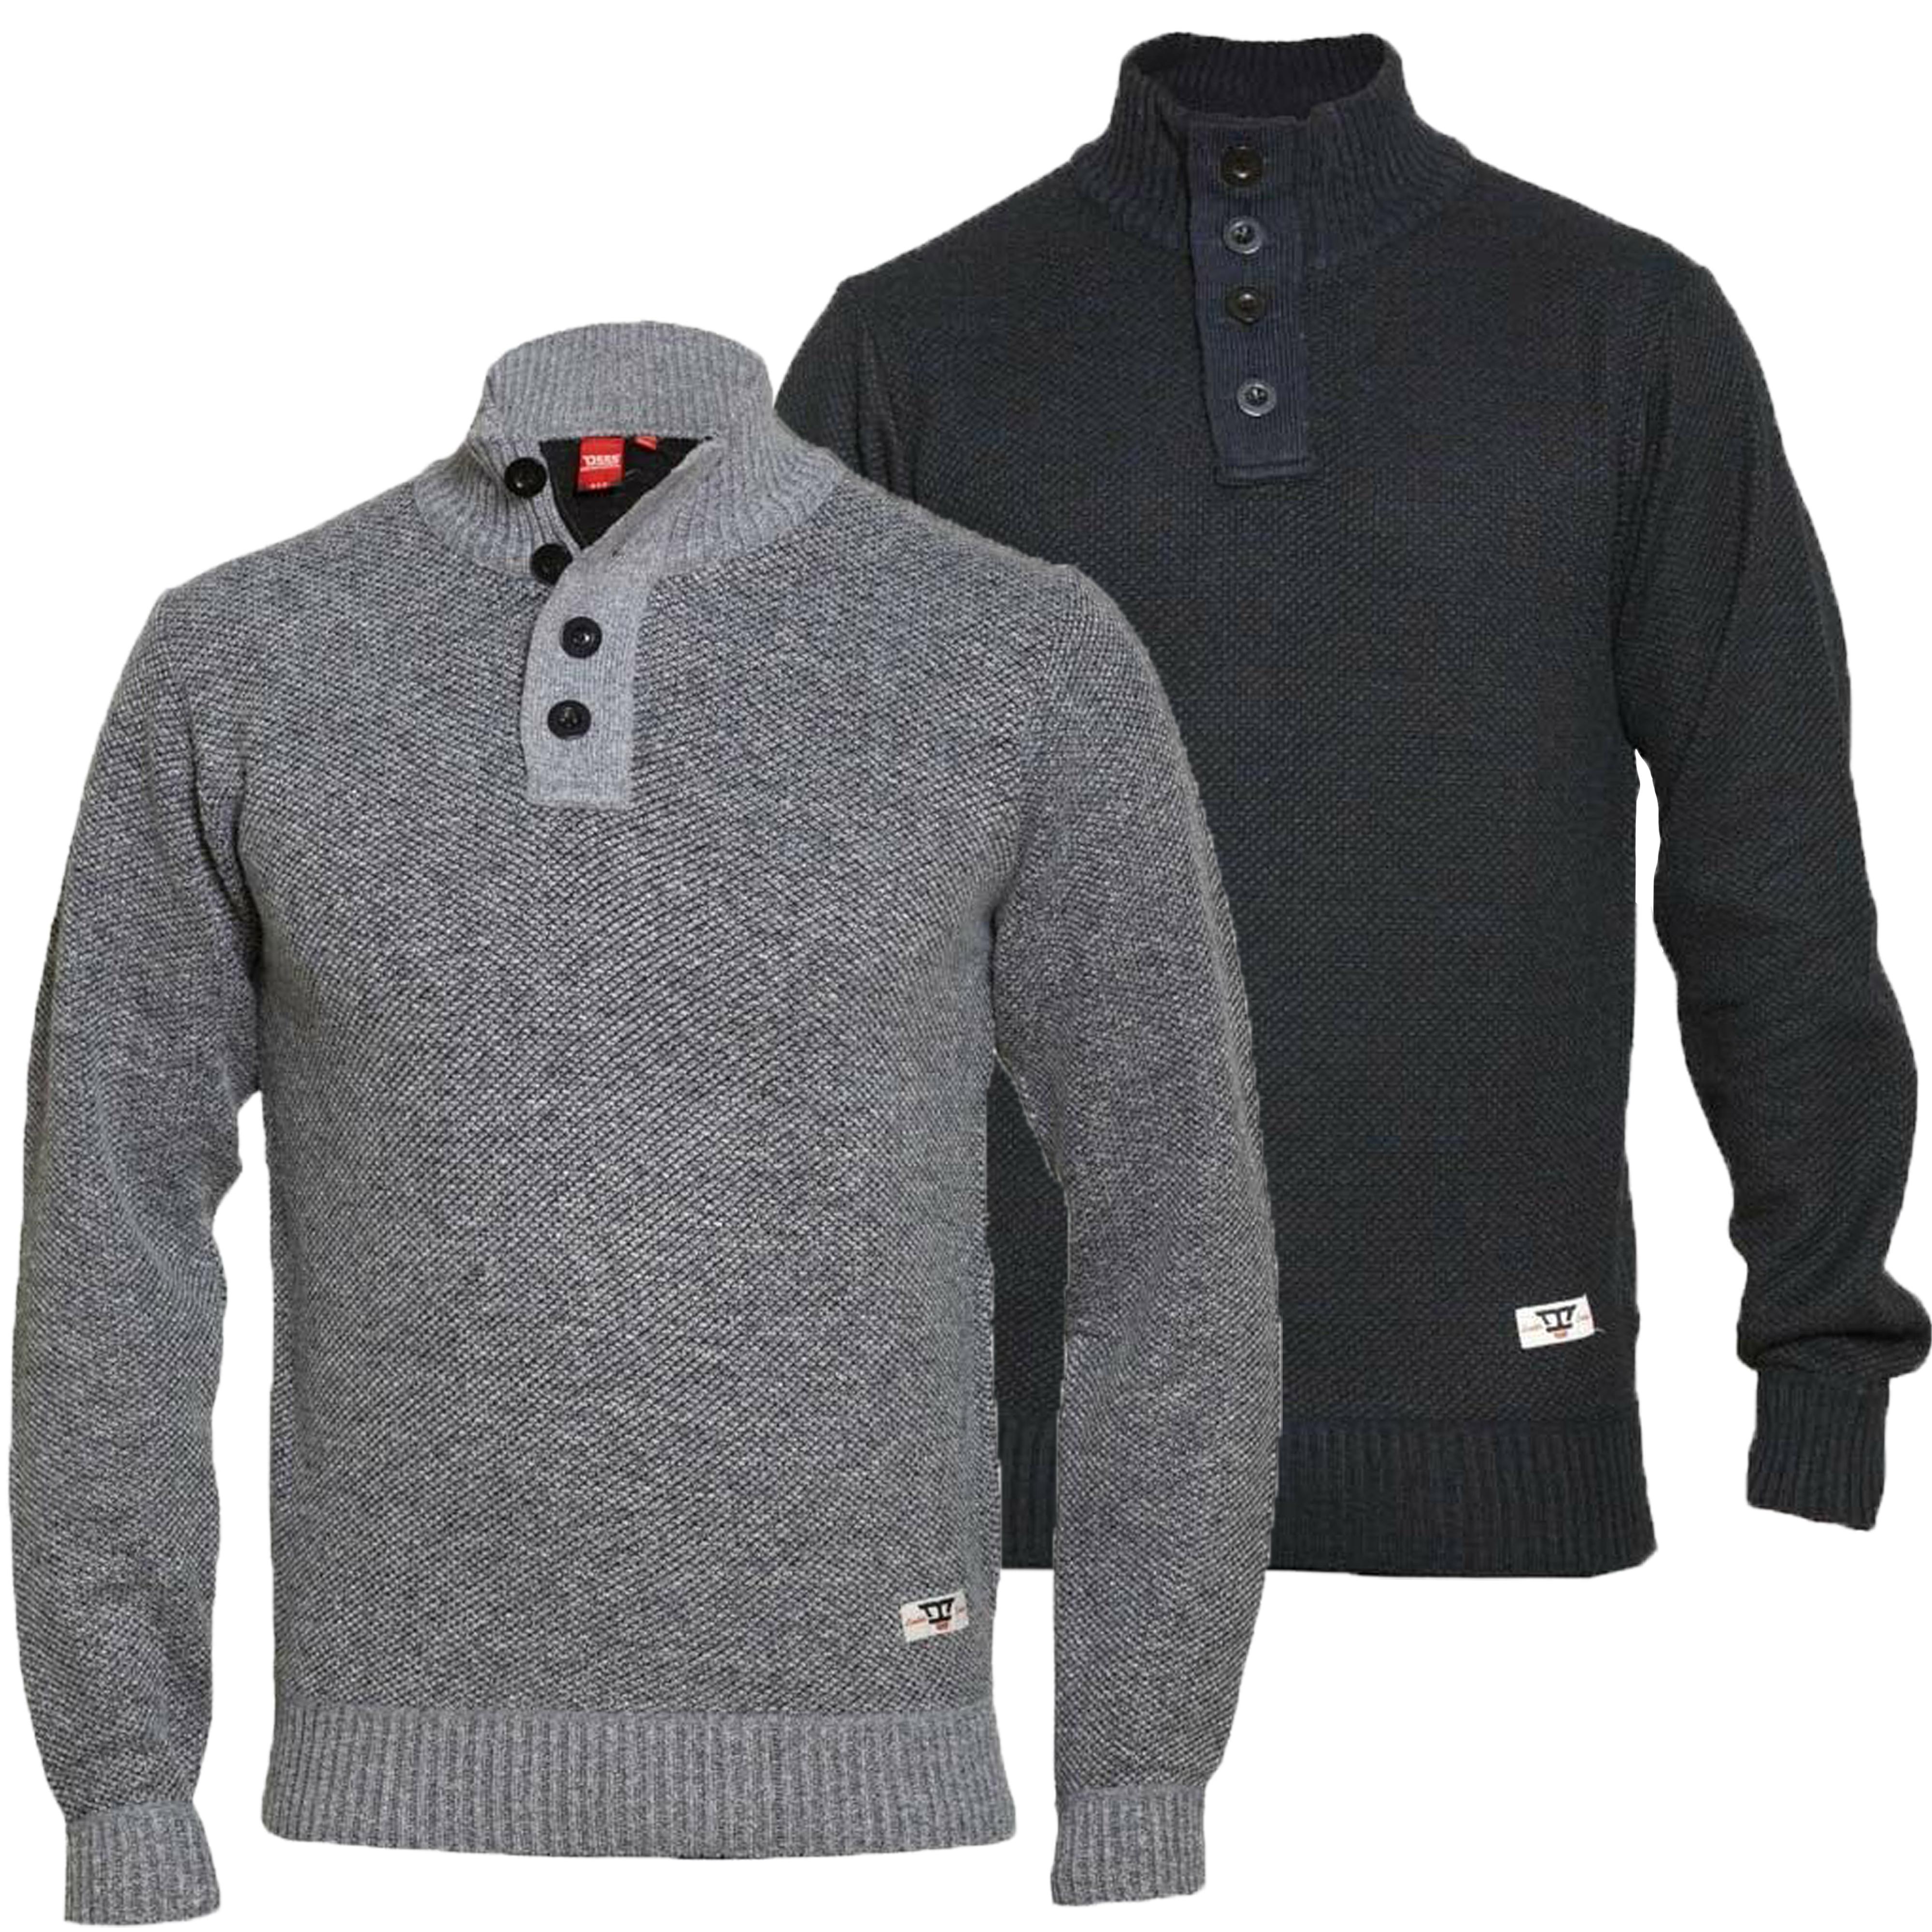 Maglione-da-uomo-D555-Duke-Big-King-Size-A-Maglia-Maglione-Pullover-Zip-Top-Inverno-Zane miniatura 4